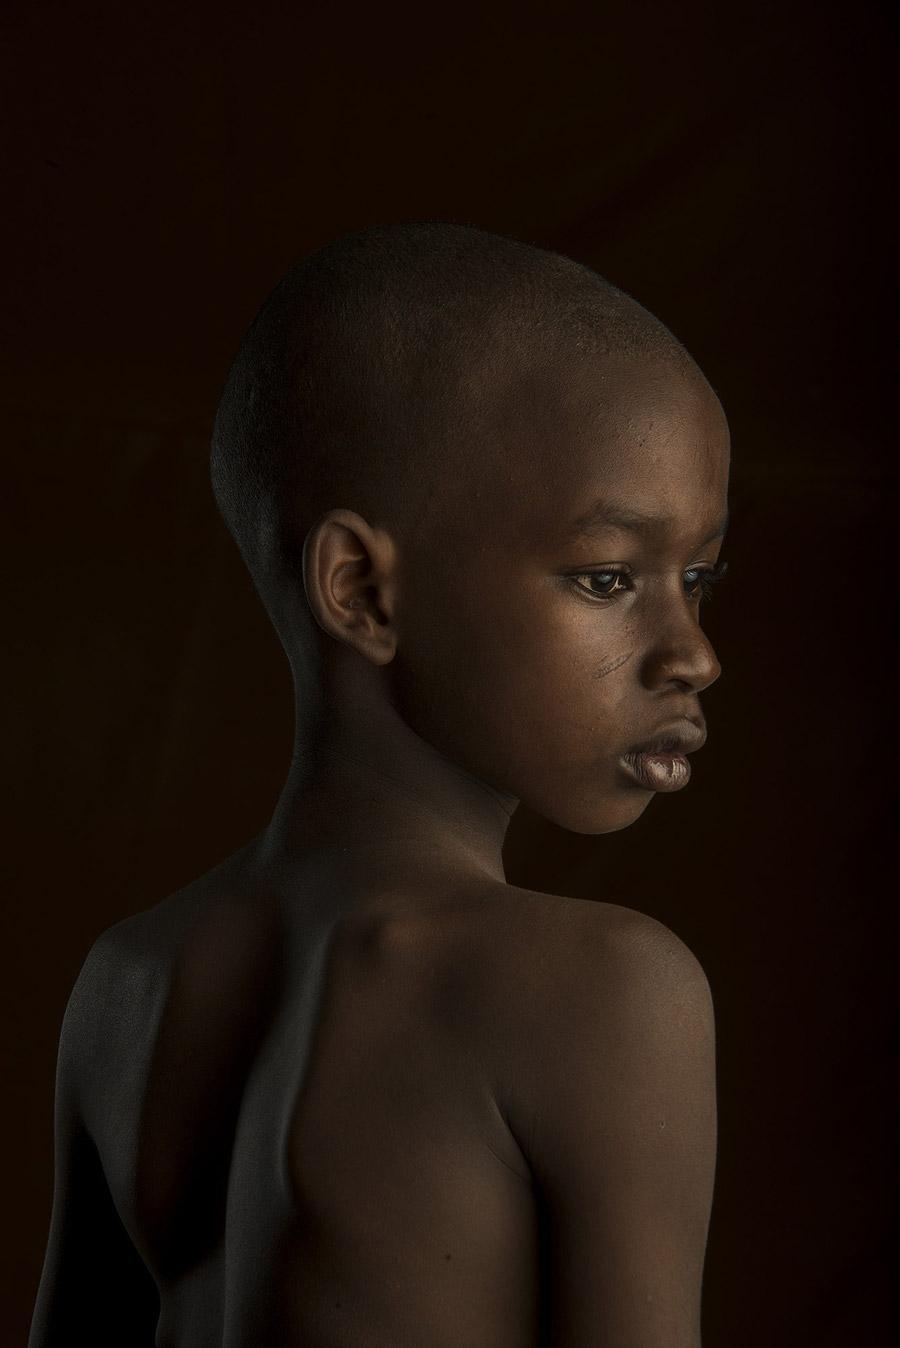 Untitled, © Jeremy Lock, Dallas, TX, United States, First Place Newborns & Children, Rangefinder the Portrait Photo Contest